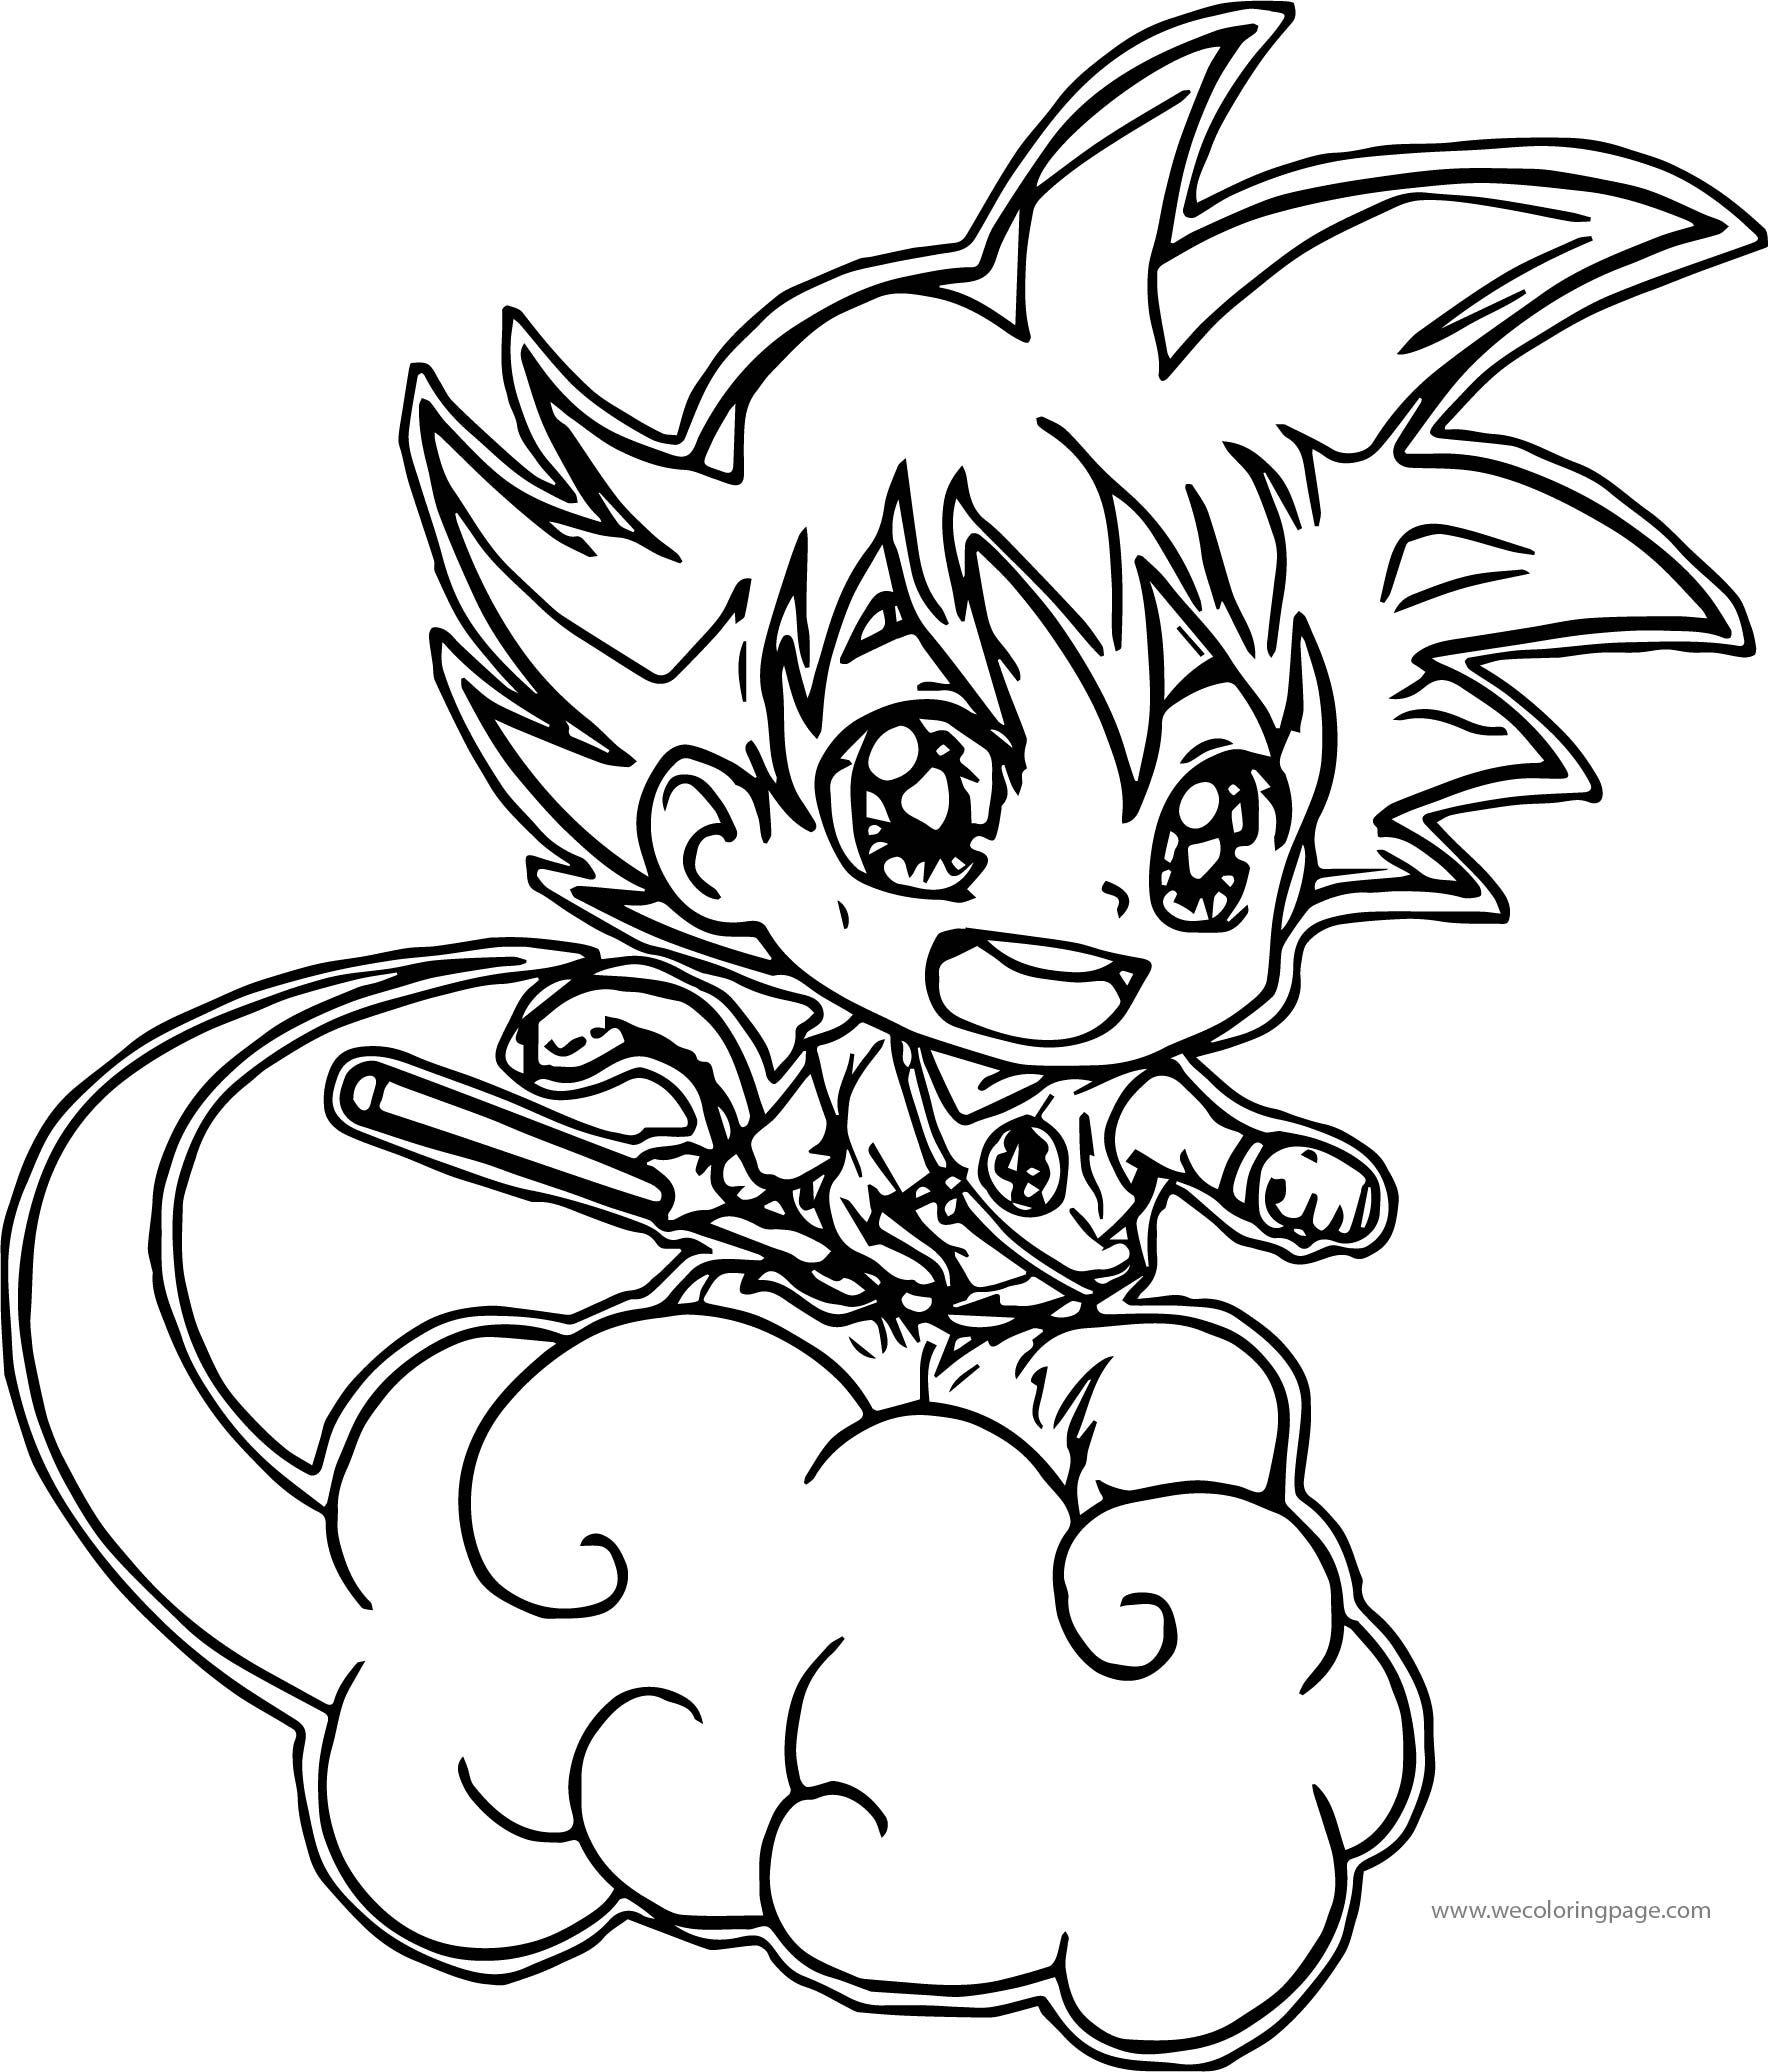 Beste Goku Malvorlagen Bilder - Druckbare Malvorlagen - helmymaher.com